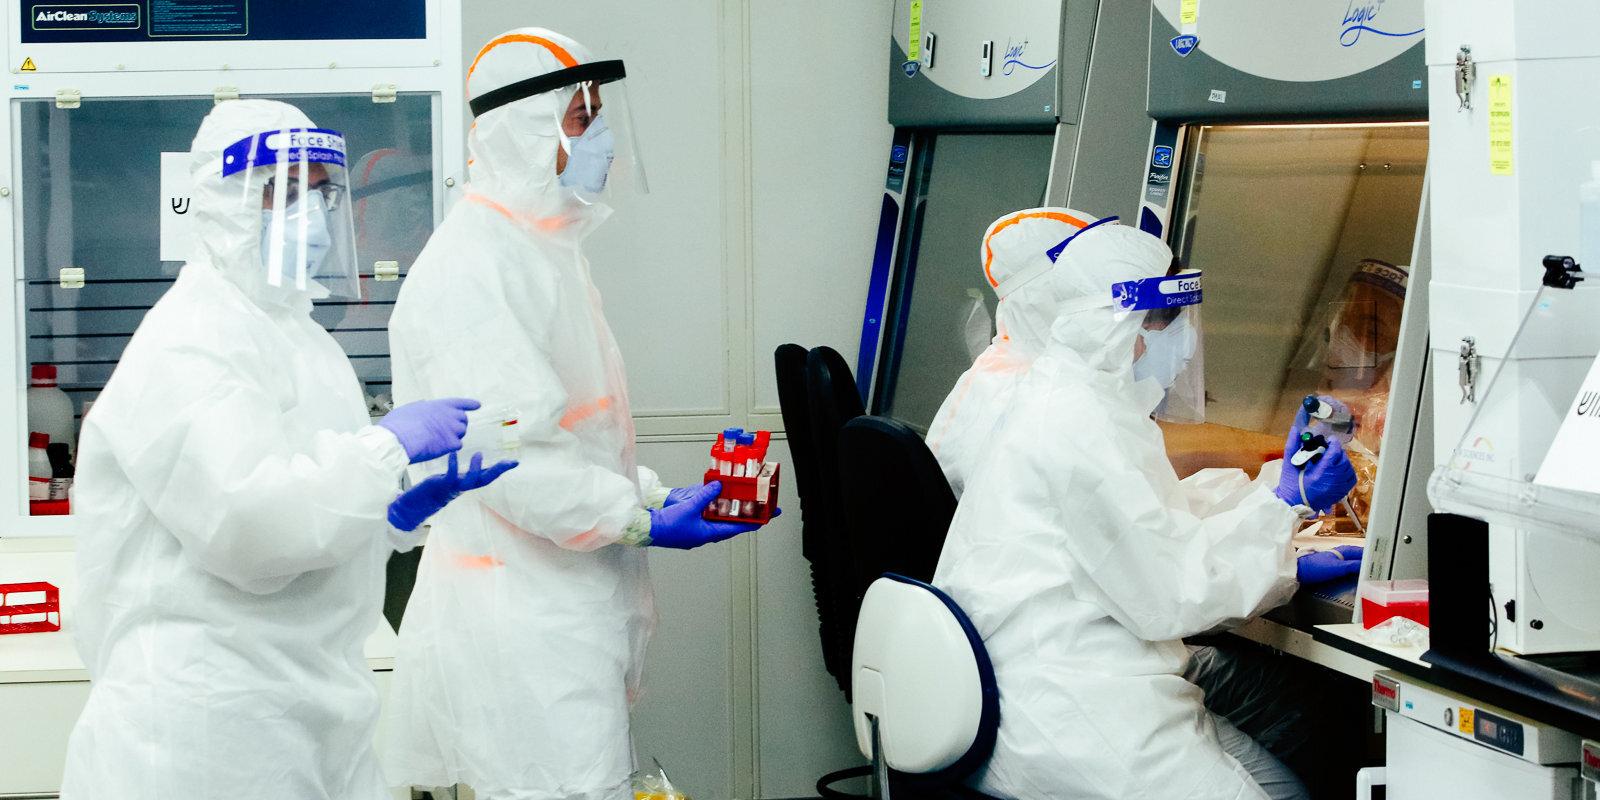 Covid-19 pavasarī un tagad: cik daudz esam iemācījušies par jauno koronavīrusu